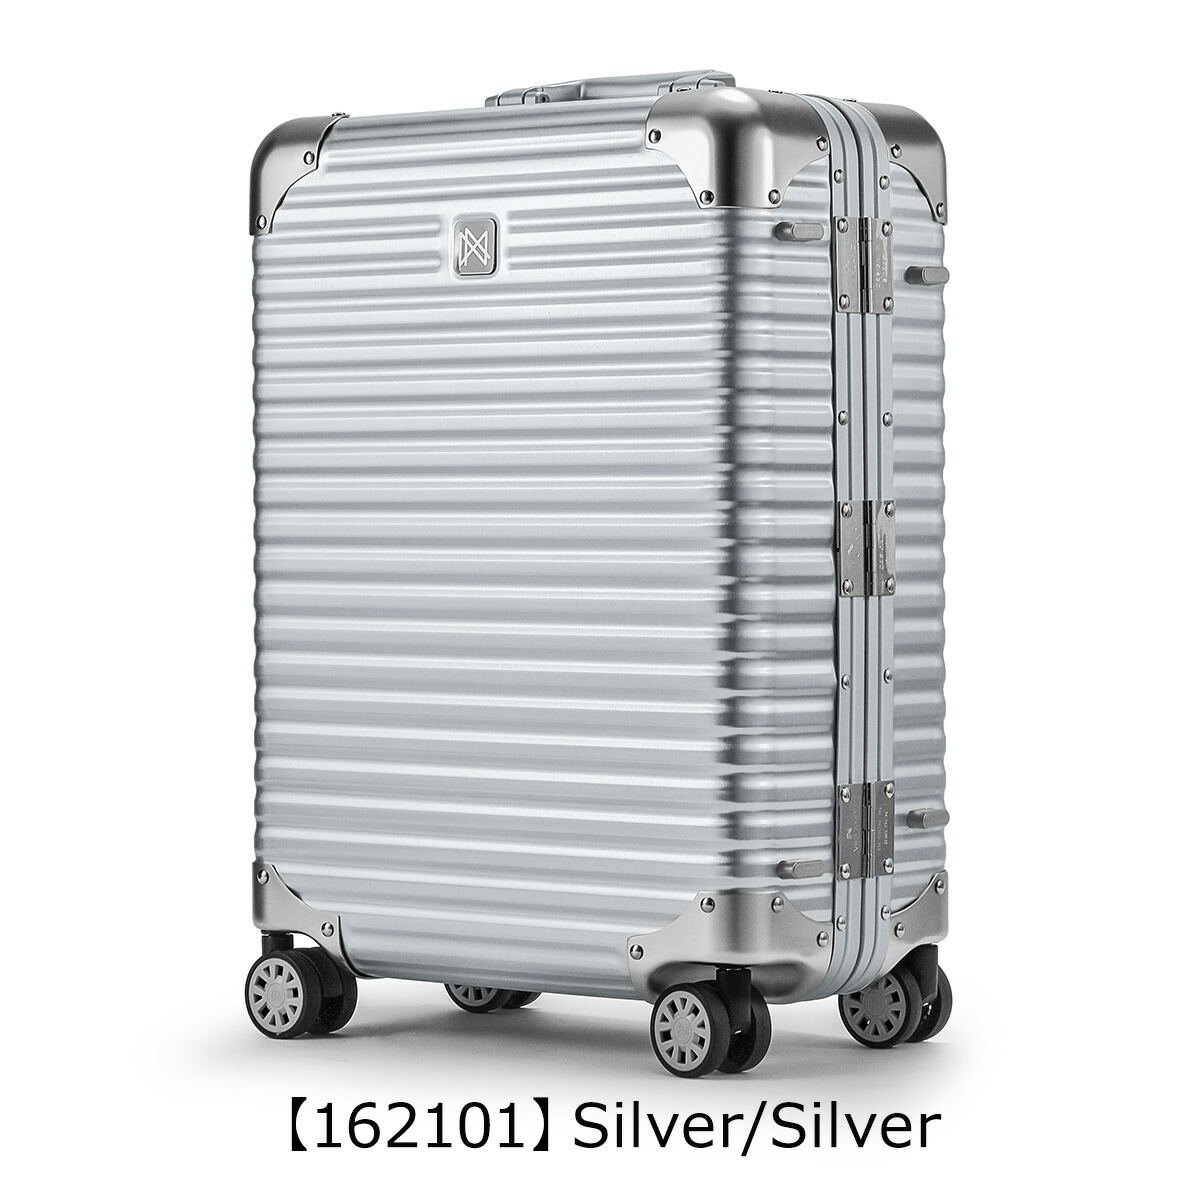 【162101】Silver/Silver